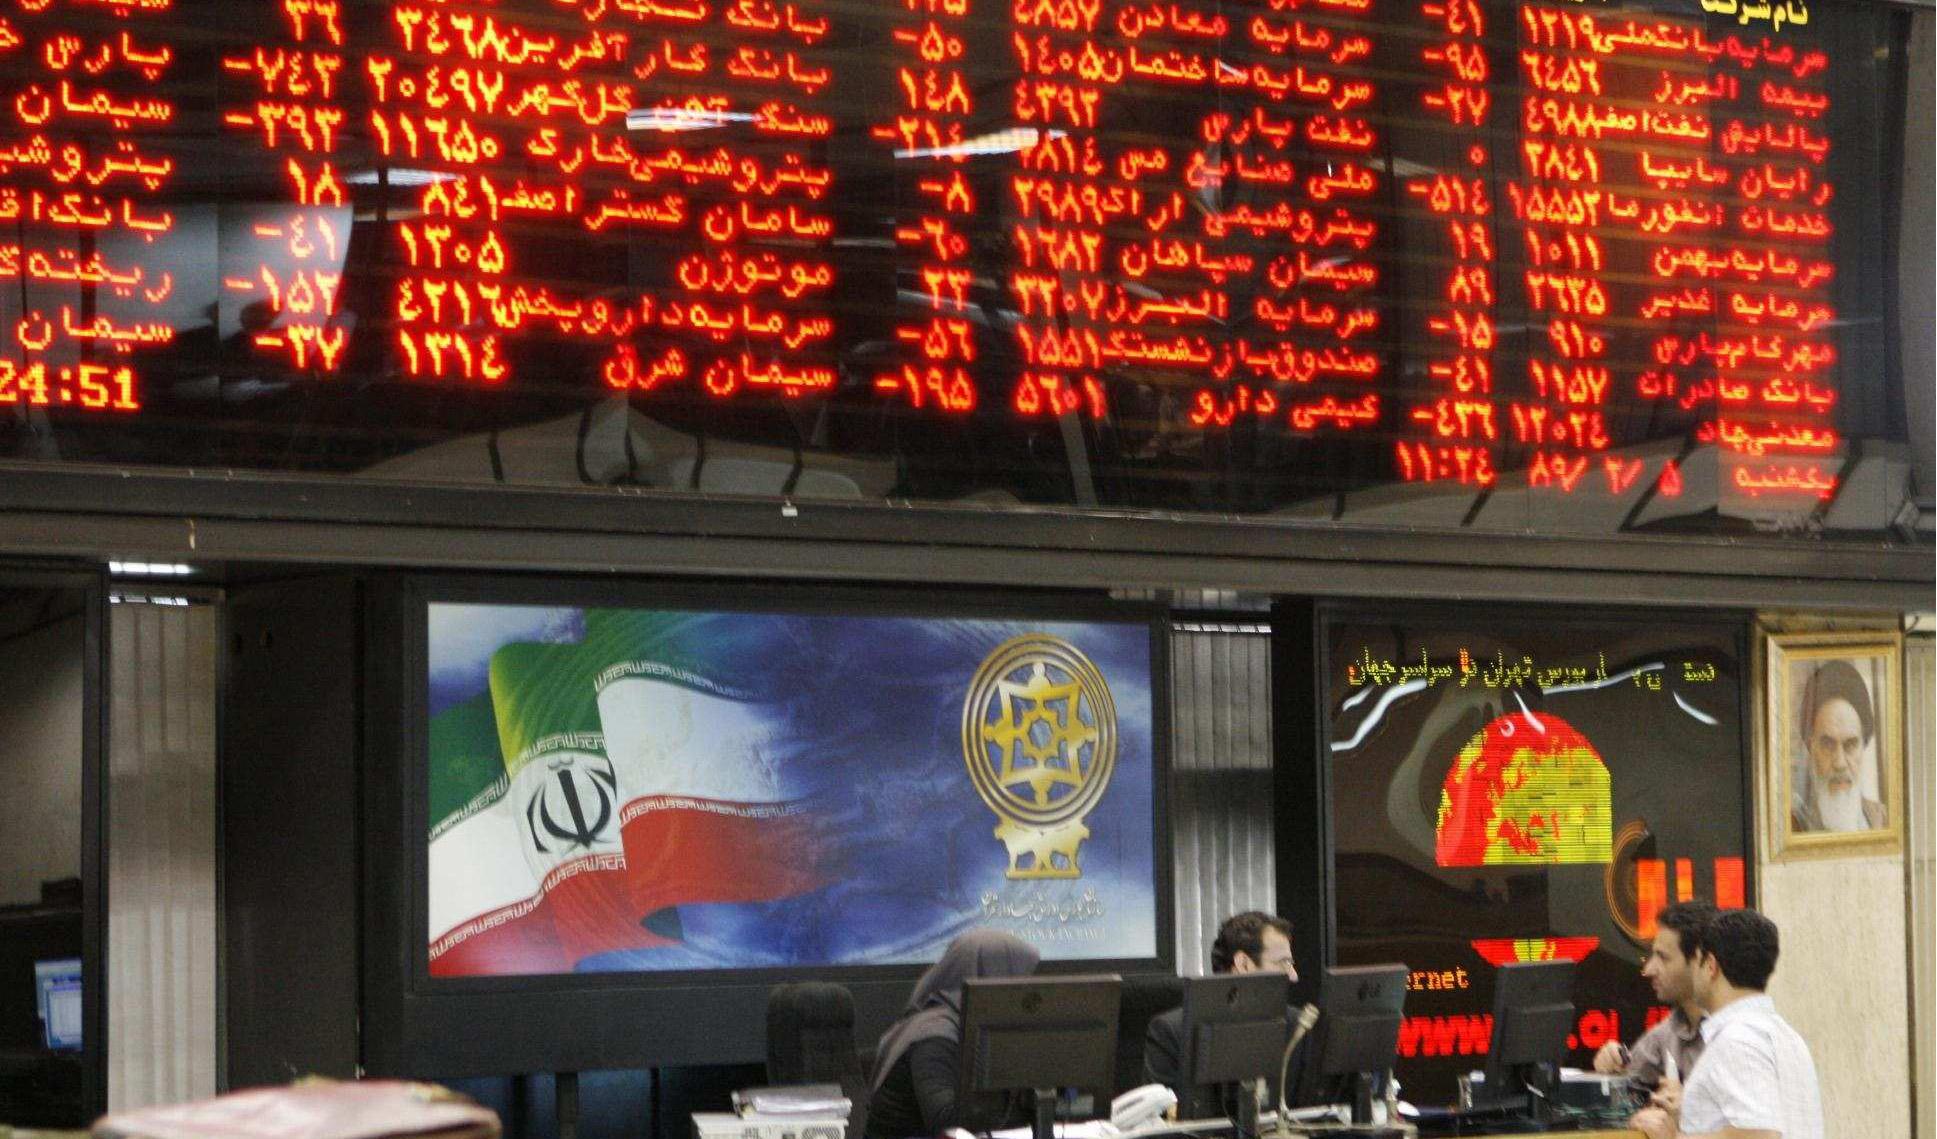 افت یک درصدی شاخص بورس تهران در معاملات امروز